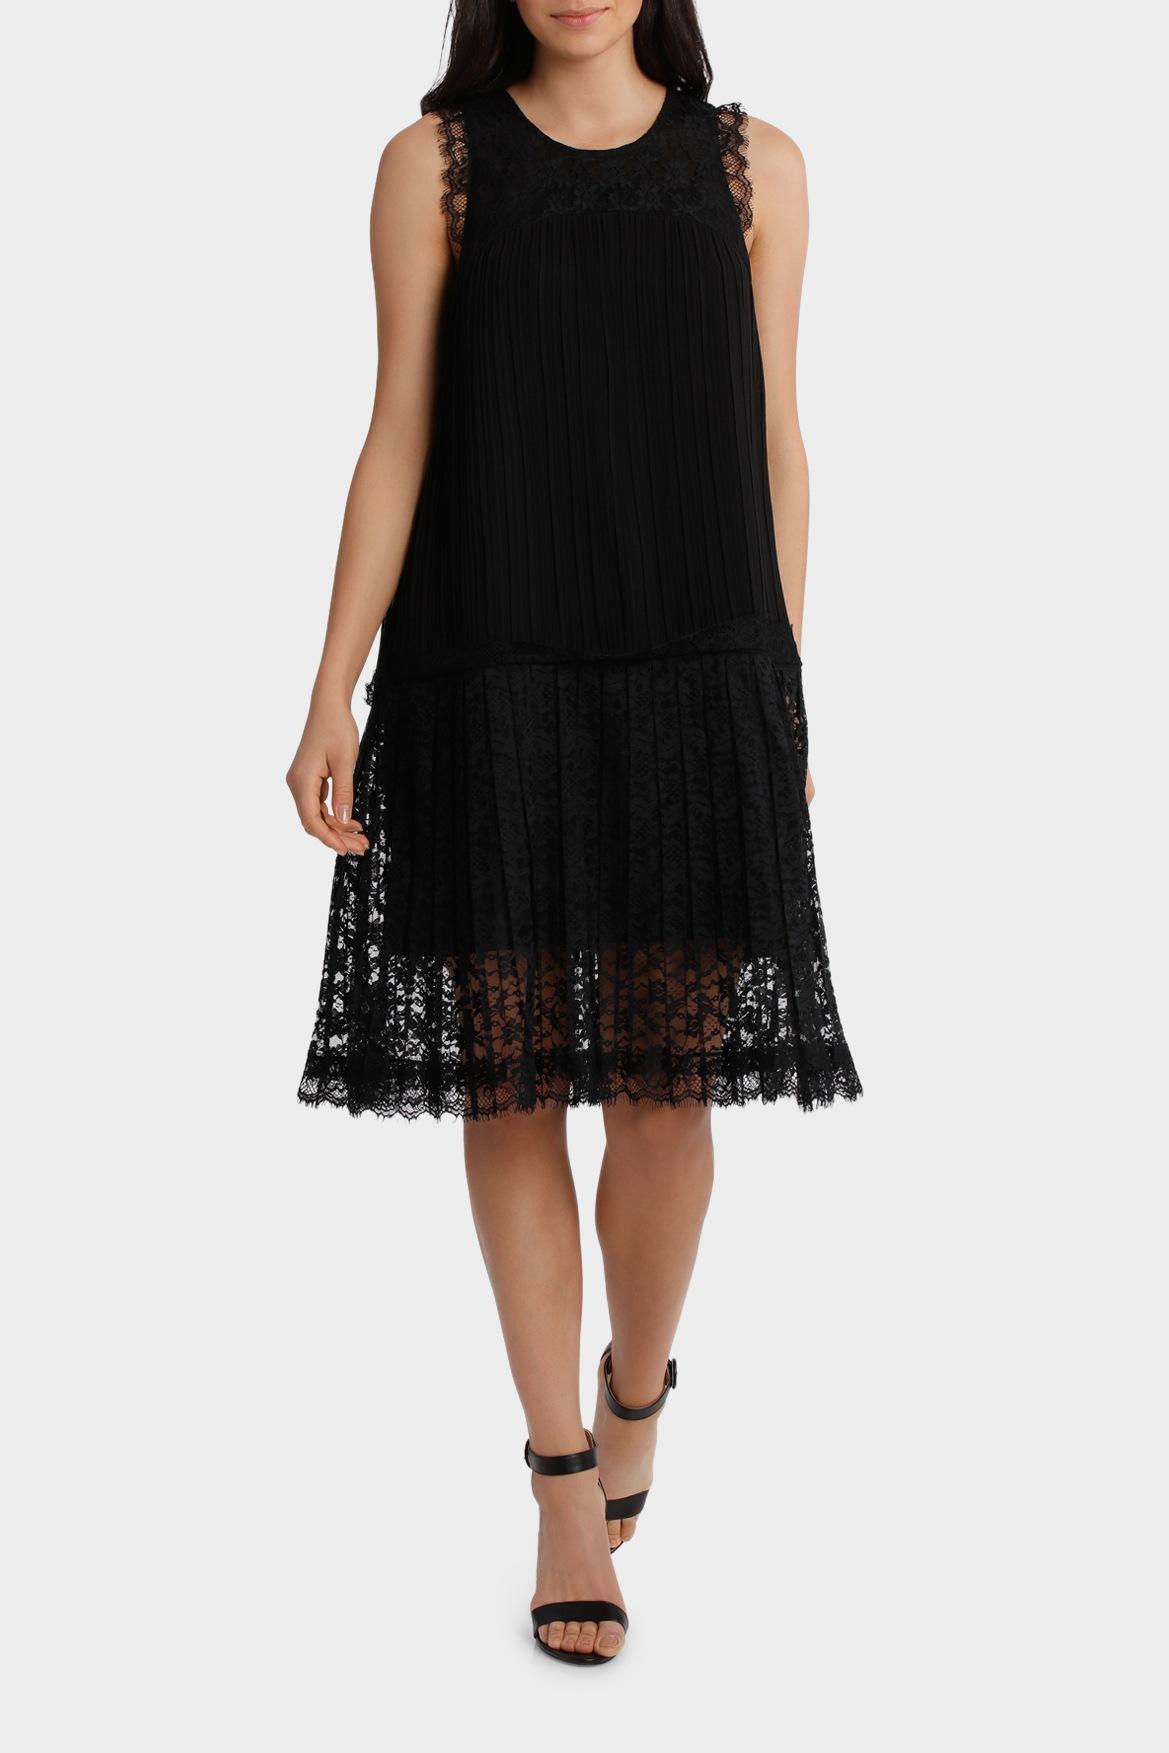 Jayson Brunsdon Black Label Black Lace Dress Myer Online